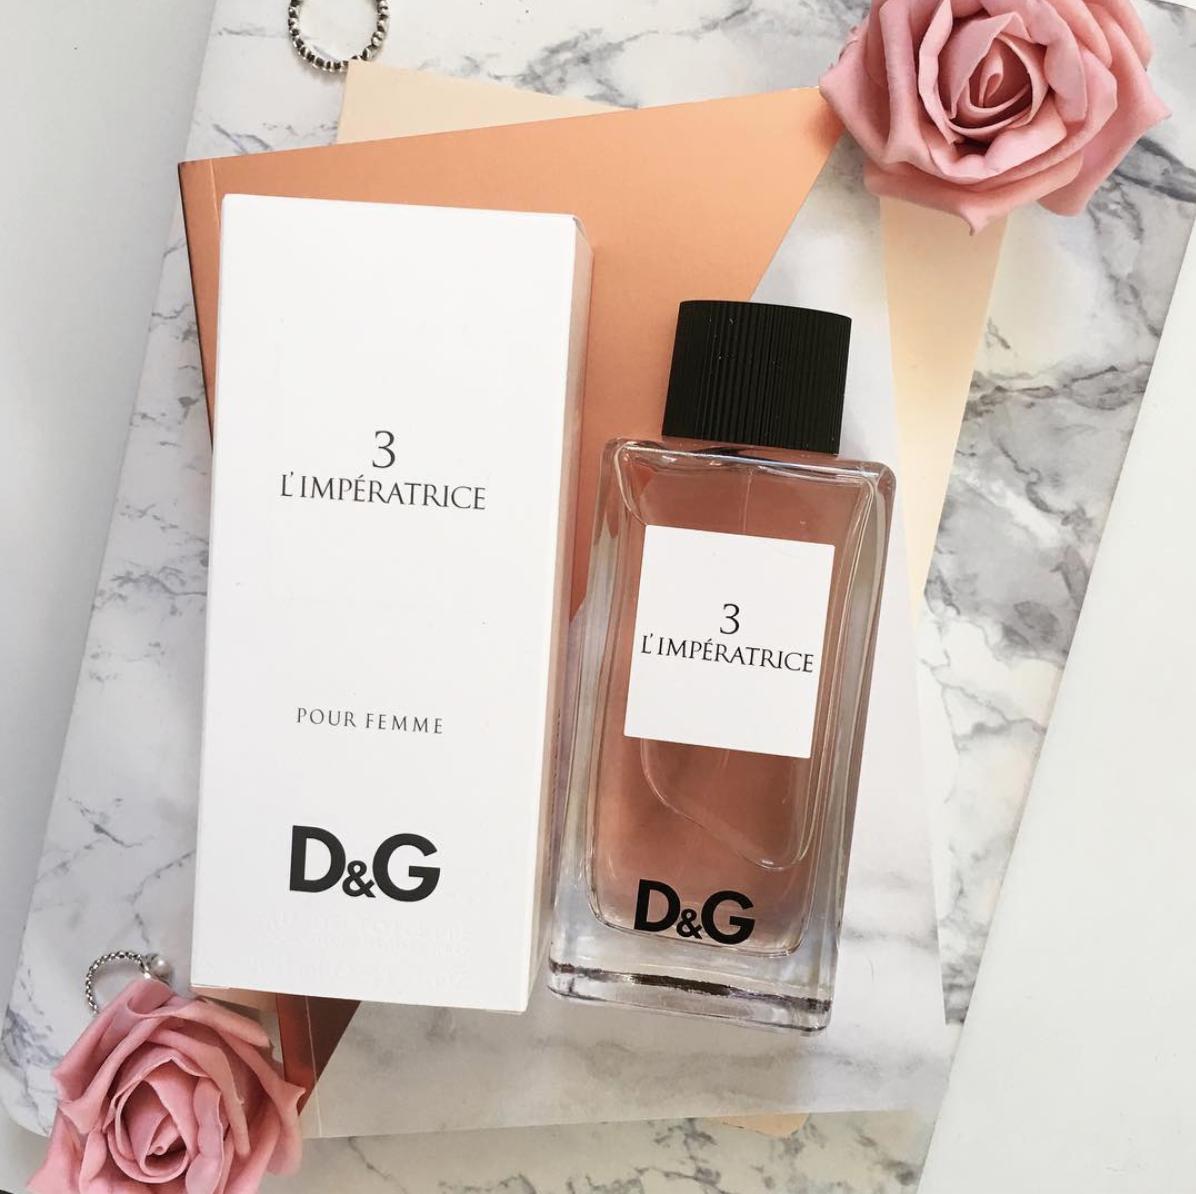 Женская туалетная вода Dolce & Gabbana 3 L'Imperatrice LUX качество Реплика